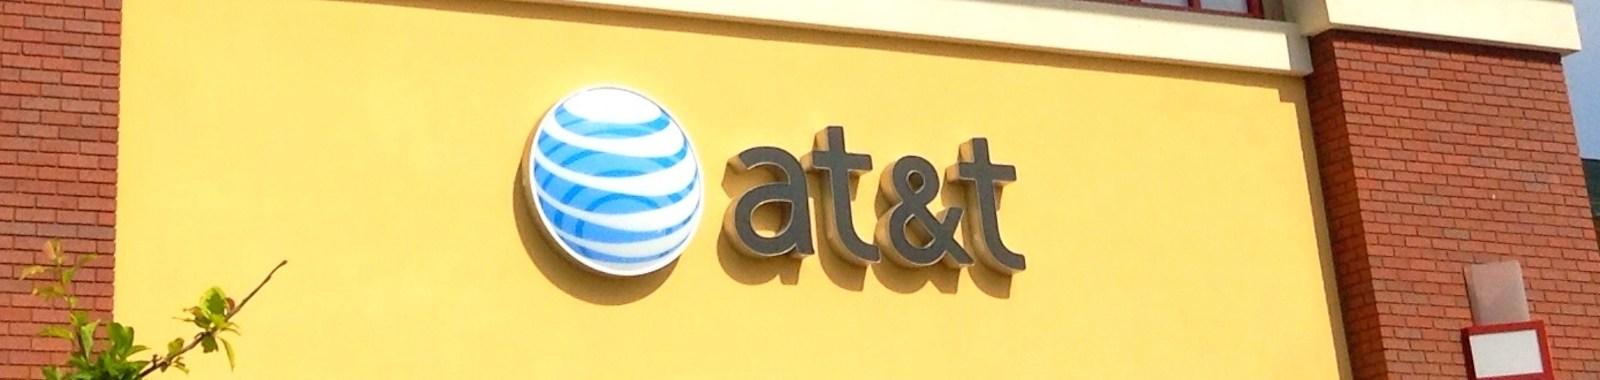 AT&T3